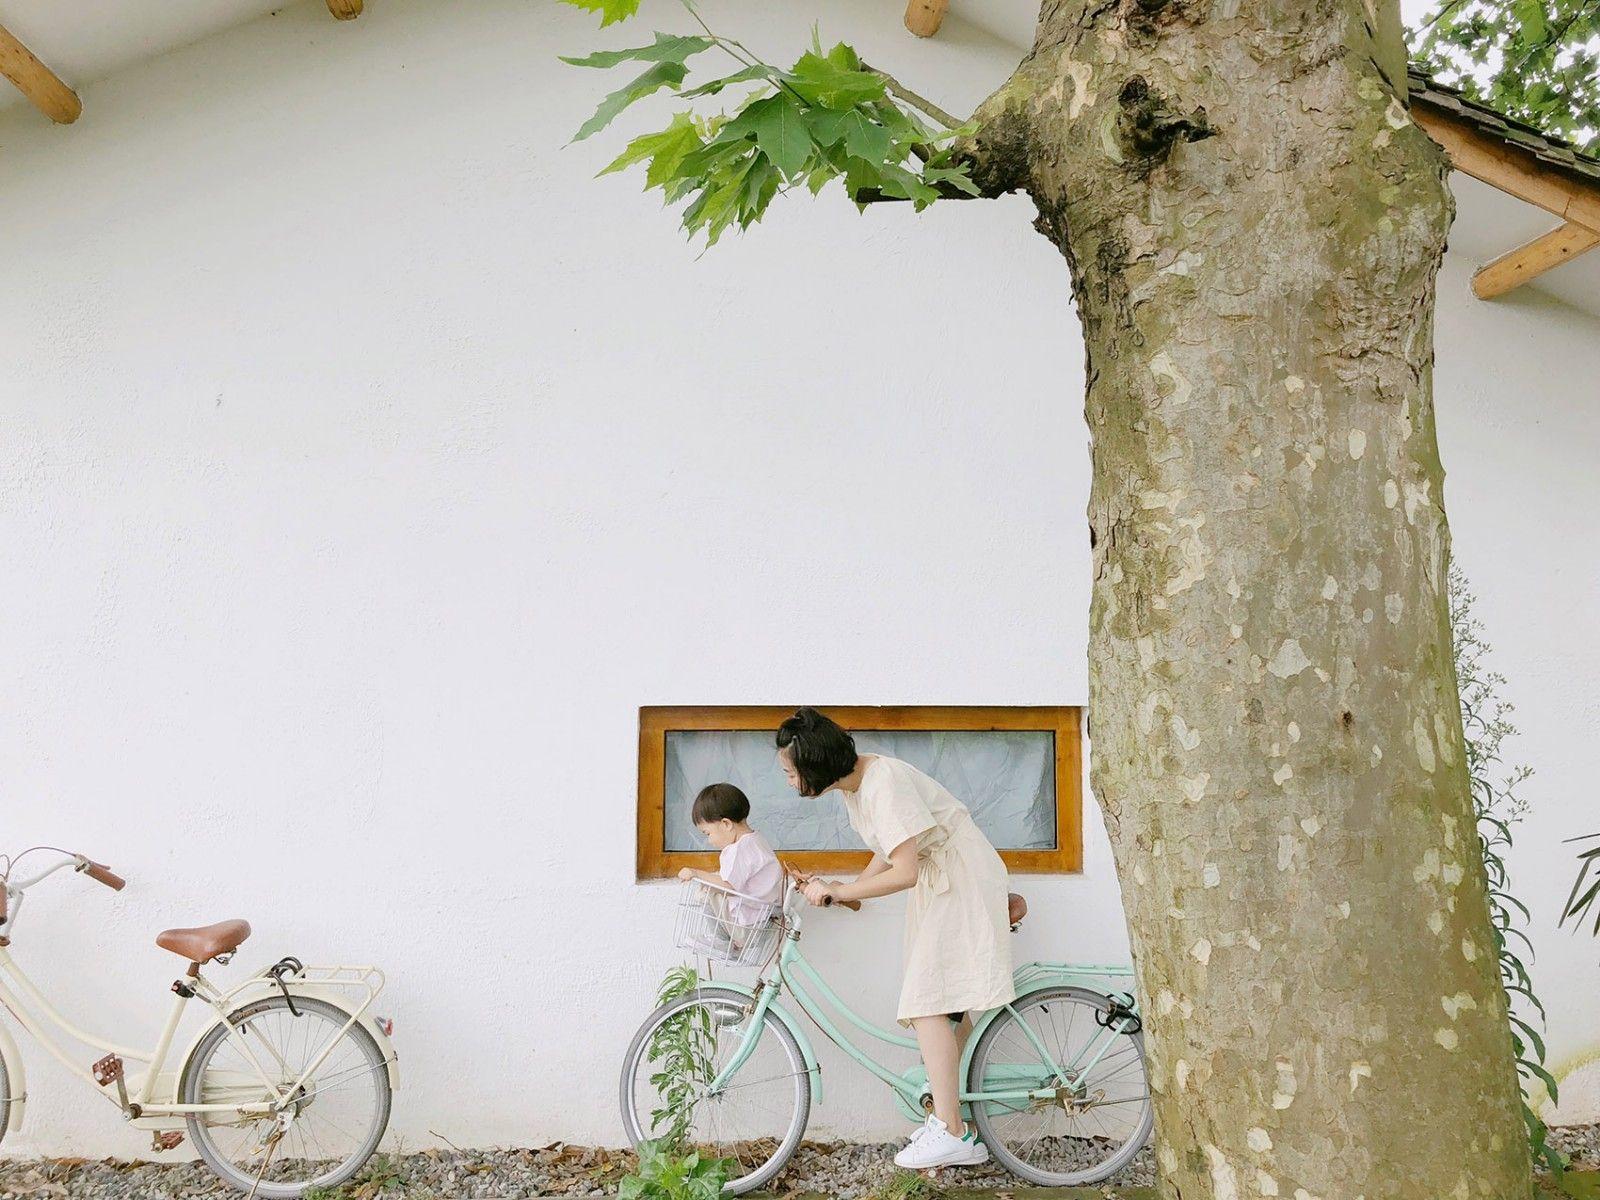 记忆里的悠悠茶香·四川-小茶院 | 使然设计